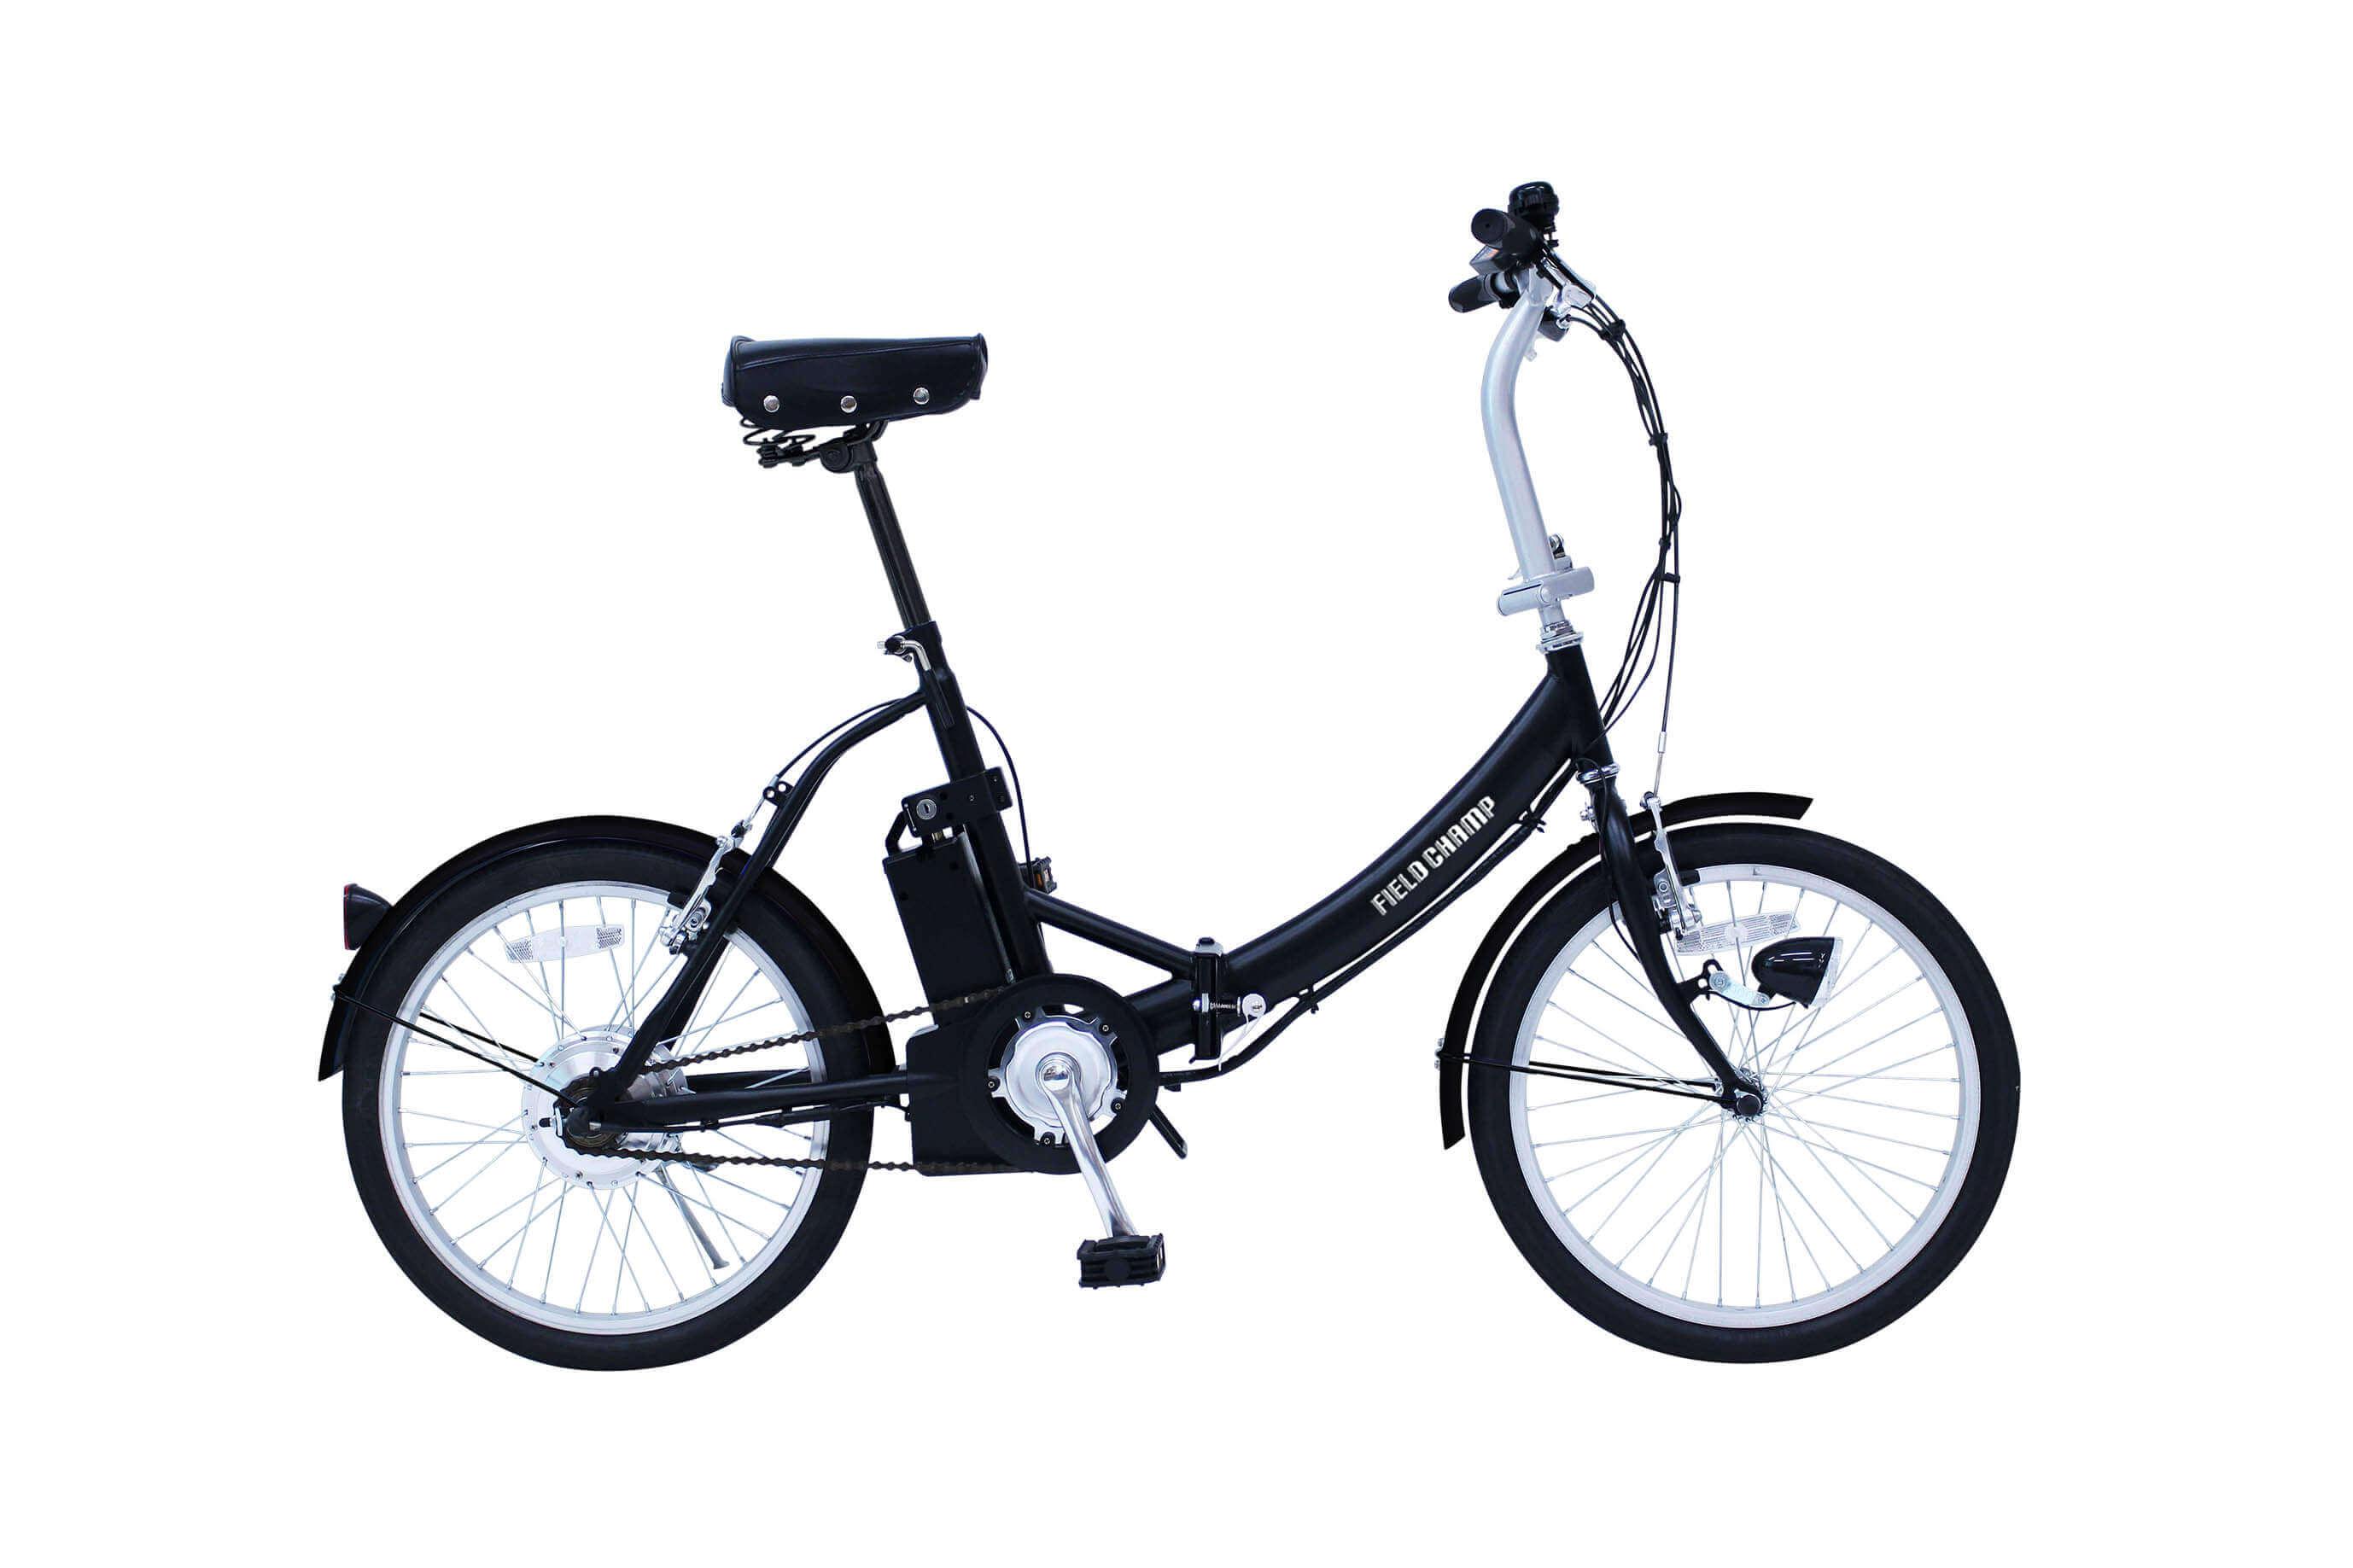 パンクしない自転車 災害用・防災用三輪自転車KHDCY310NE 災害地面もパンクしないで走る電動アシスト 折りたたみ20インチ ラコントゥル